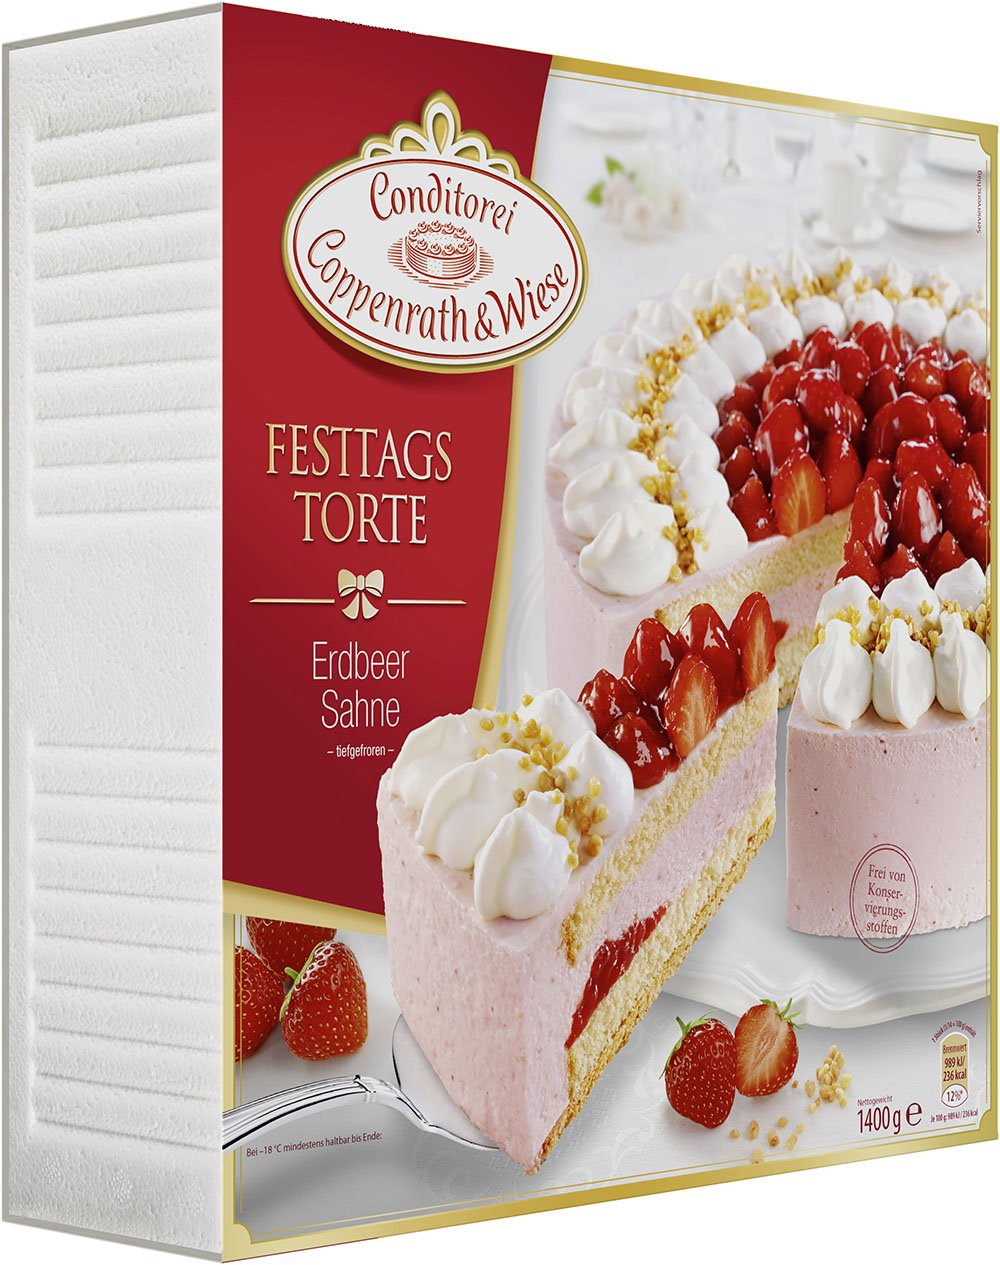 Conditorei Coppenrath Wiese Festtagstorte Erdbeer Sahne 1 4 Kg